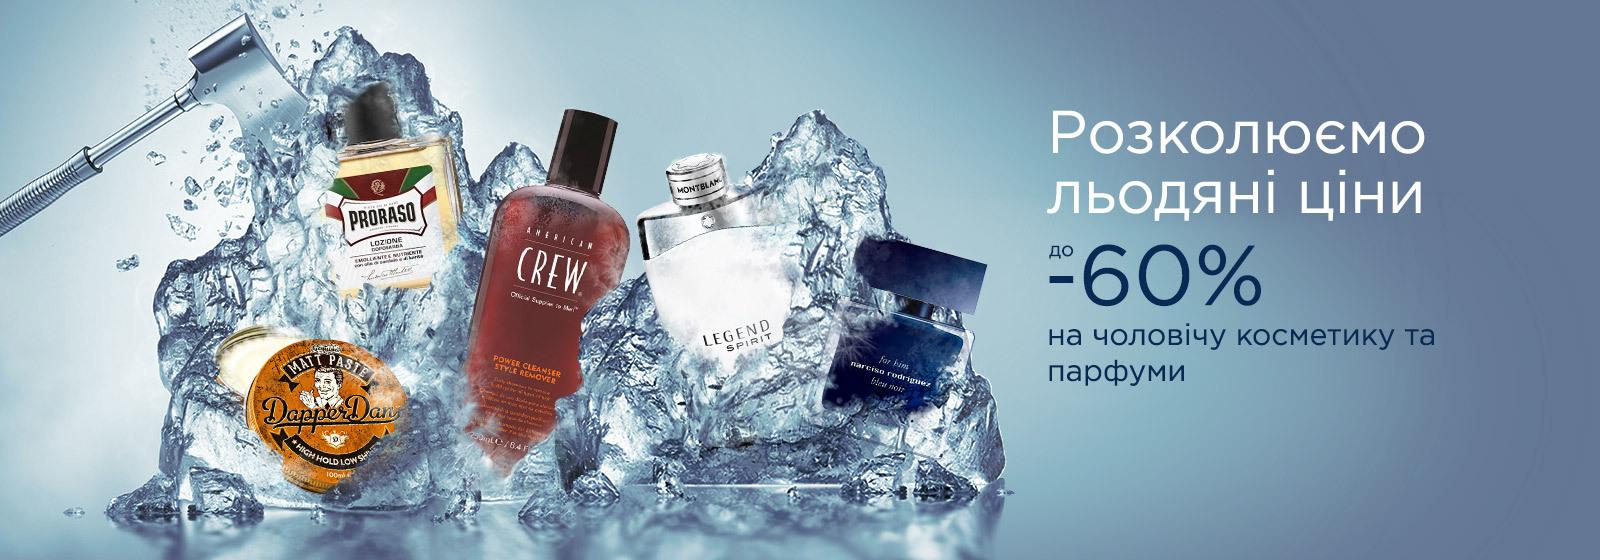 Розколюємо льодяні ціни! Знижки до -60% на чоловічу косметику та парфуми